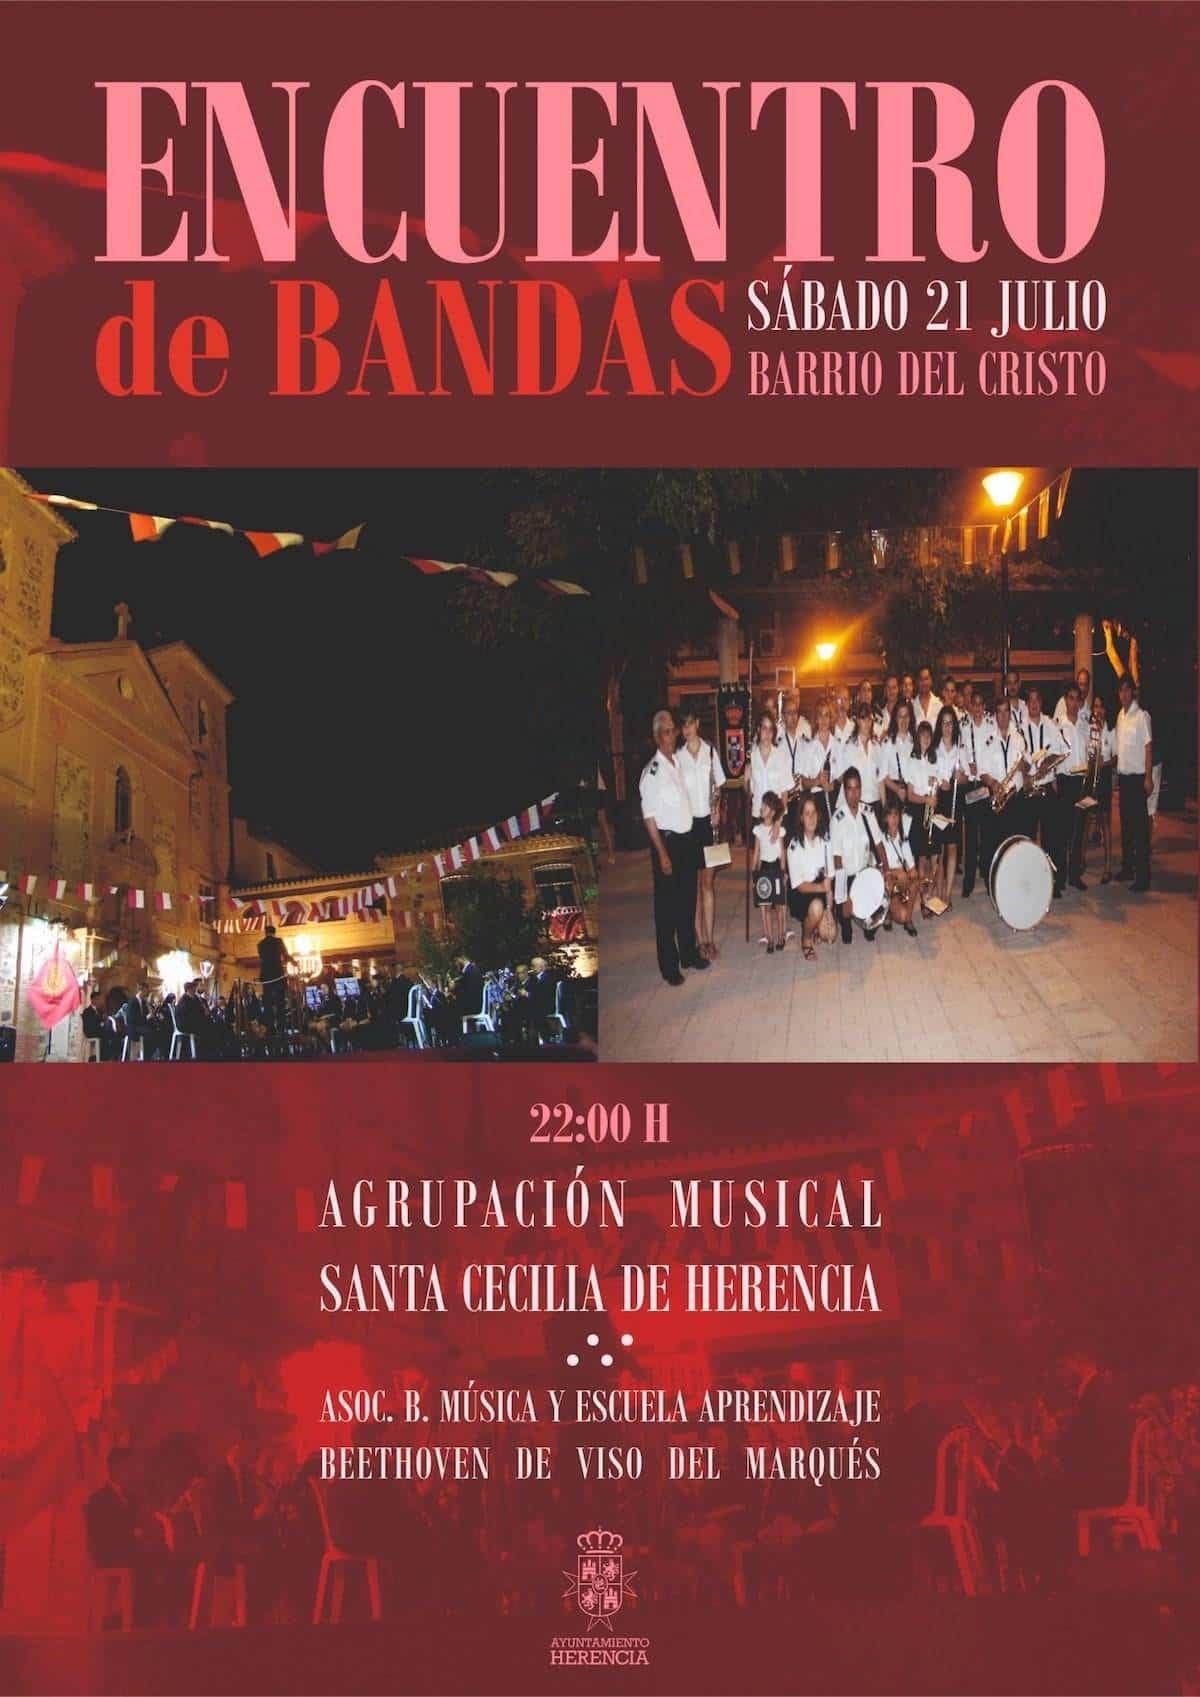 encuentro de bandas herencia 2018 - Encuentro de Bandas del Barrio del Cristo de Herencia